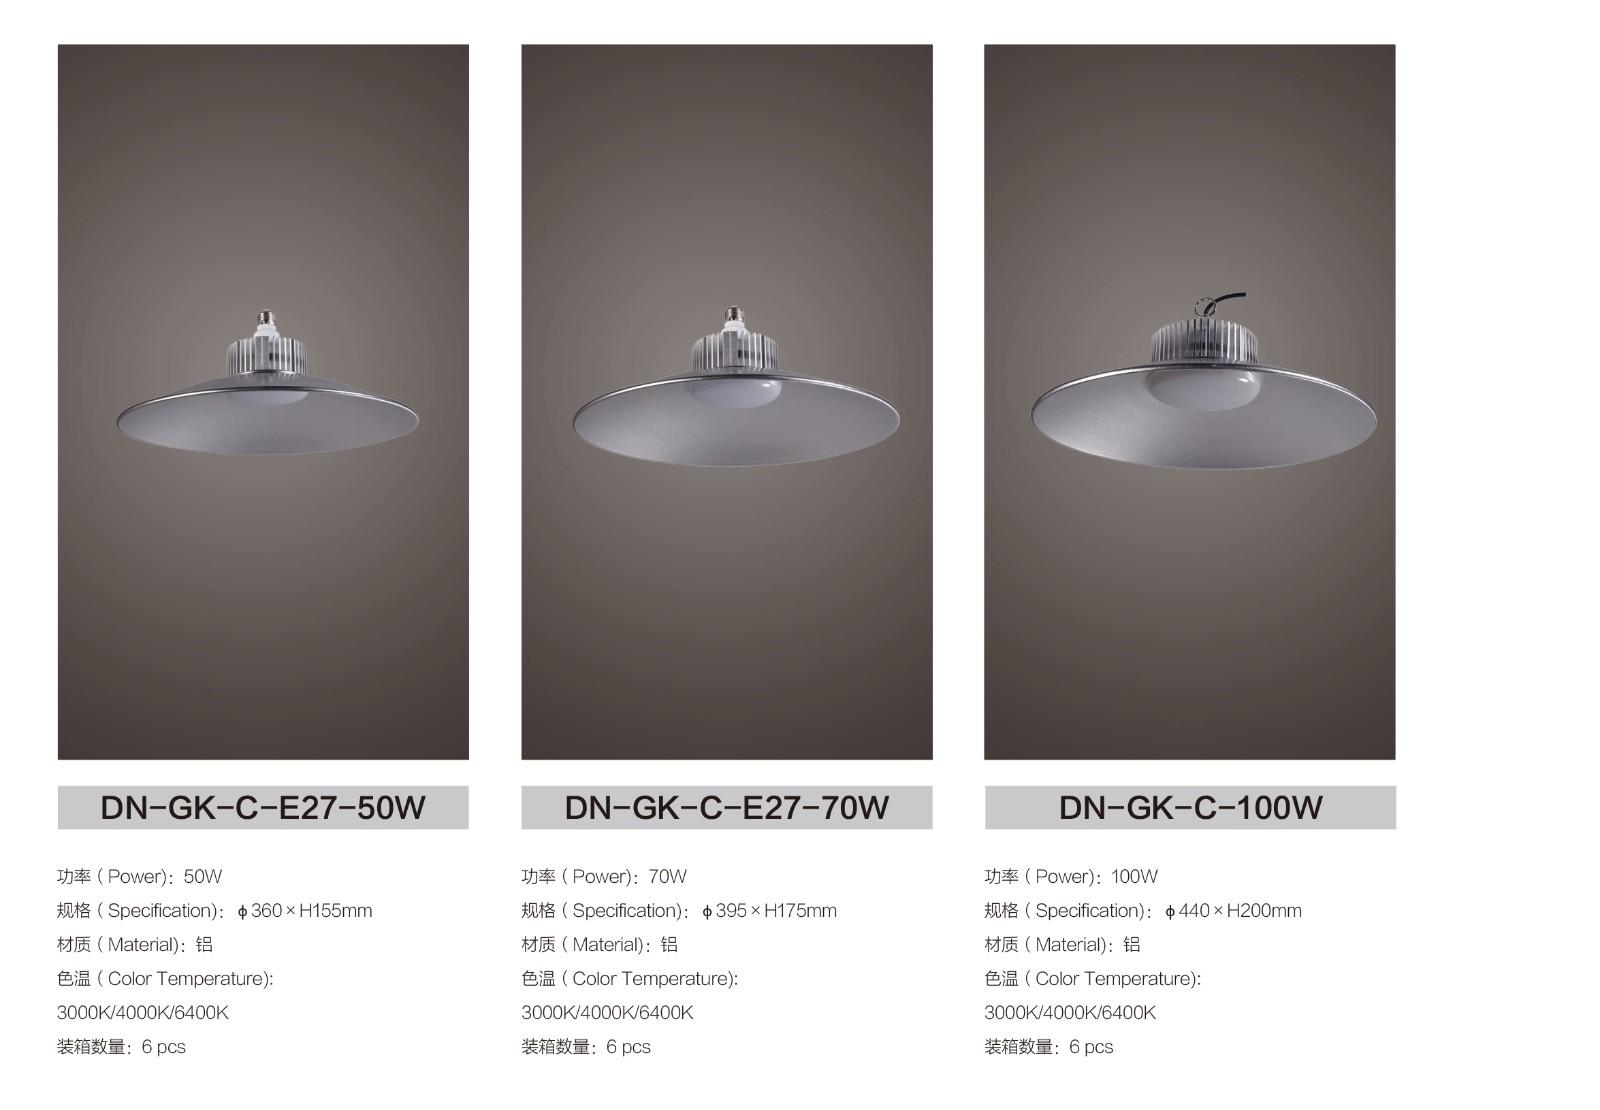 東南商業照明總畫冊2018-(1)-47_01.jpg